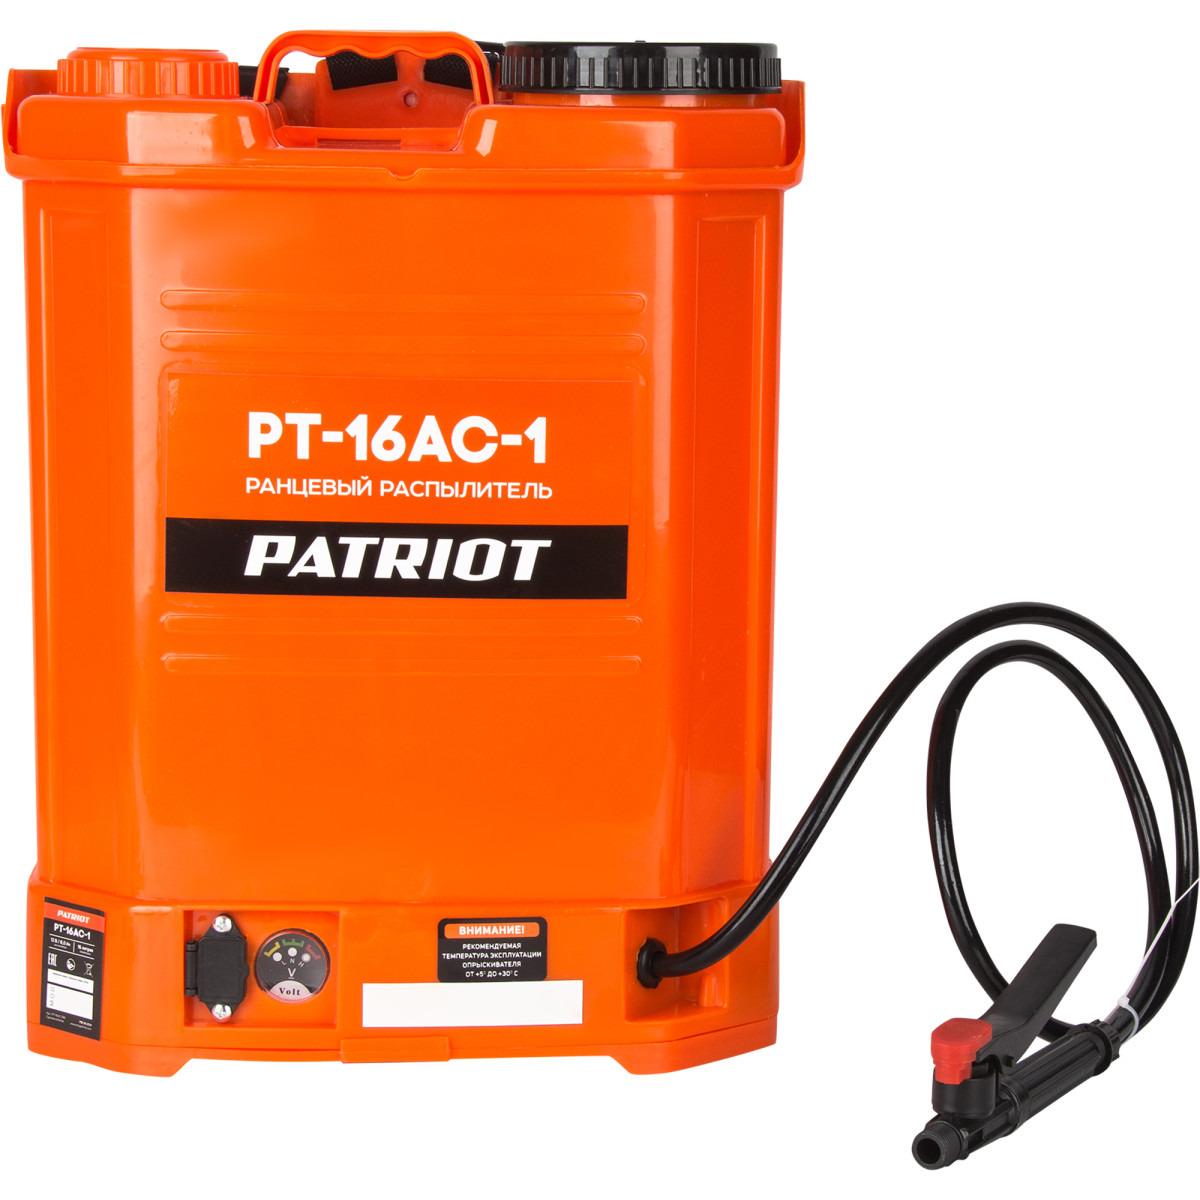 PATRIOT PT-16AC